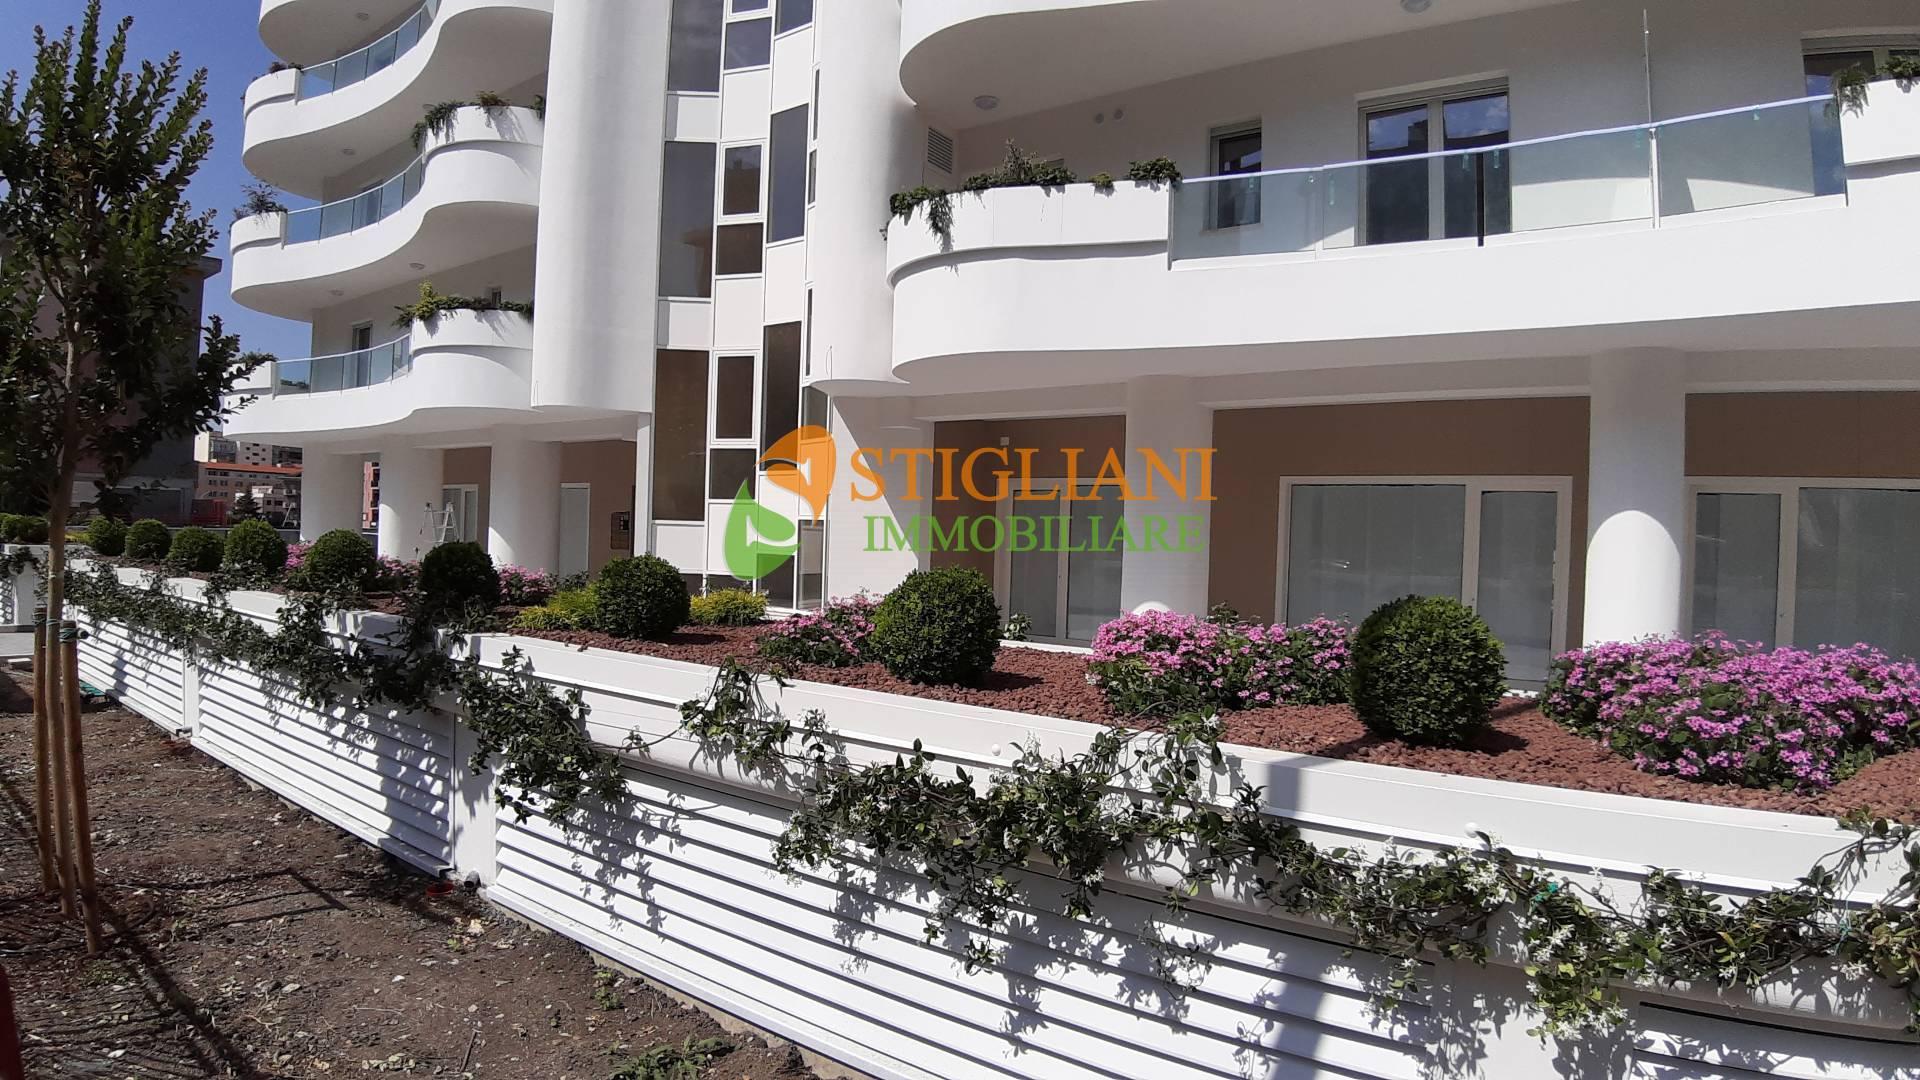 Appartamento in vendita a Campobasso, 2 locali, zona ro, Trattative riservate | PortaleAgenzieImmobiliari.it